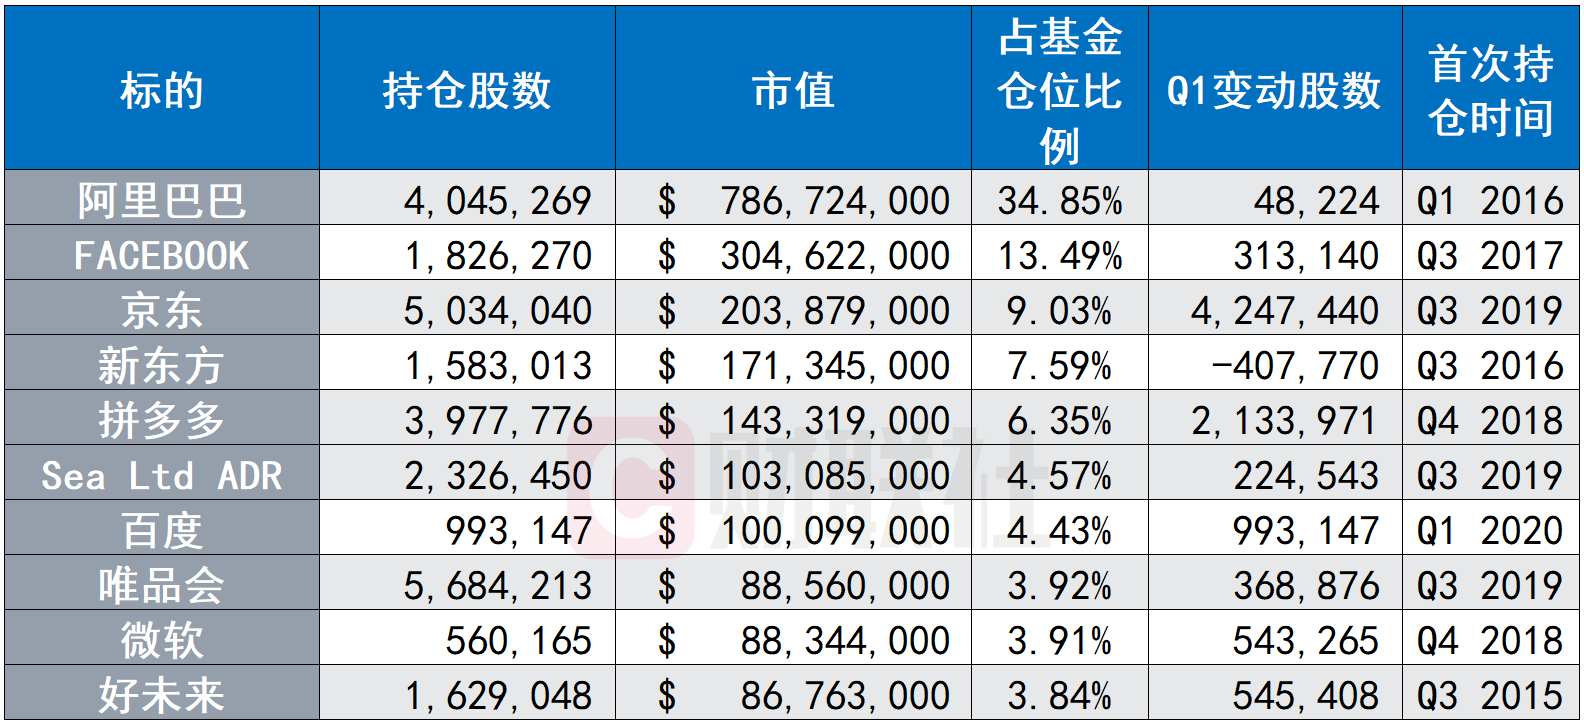 景林资本Q1持仓:大幅增持京东、拼多多 削减特斯拉持仓